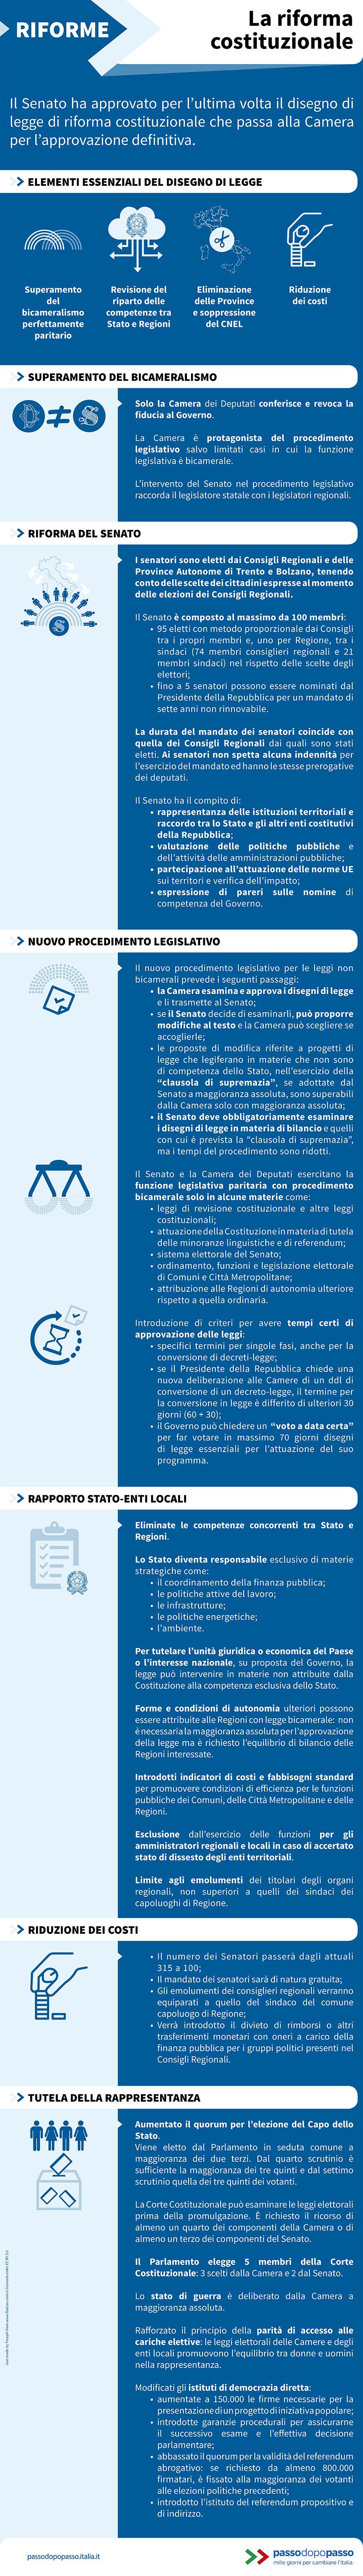 Infografica: Riforma costituzionale, il Senato approva per l'ultima volta il ddl